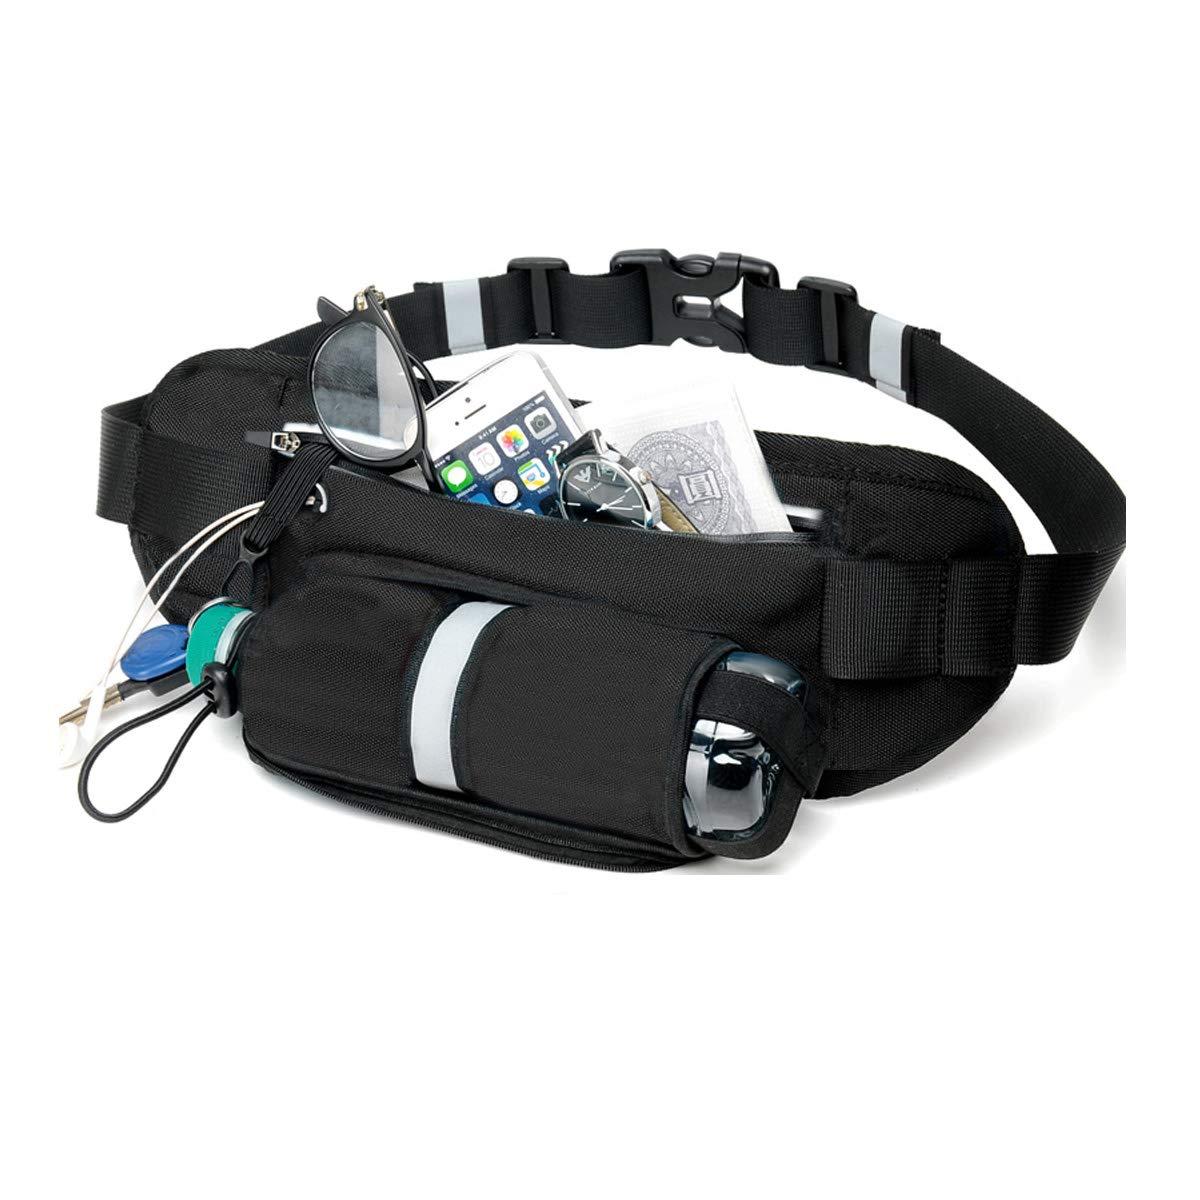 Vohoney Running Belt Waist Fanny Pack Travel Waist Bag Hiking Waist Pack Phone Belt Bag Sport Bum Bag with Water Bottle Holder for Men and Women